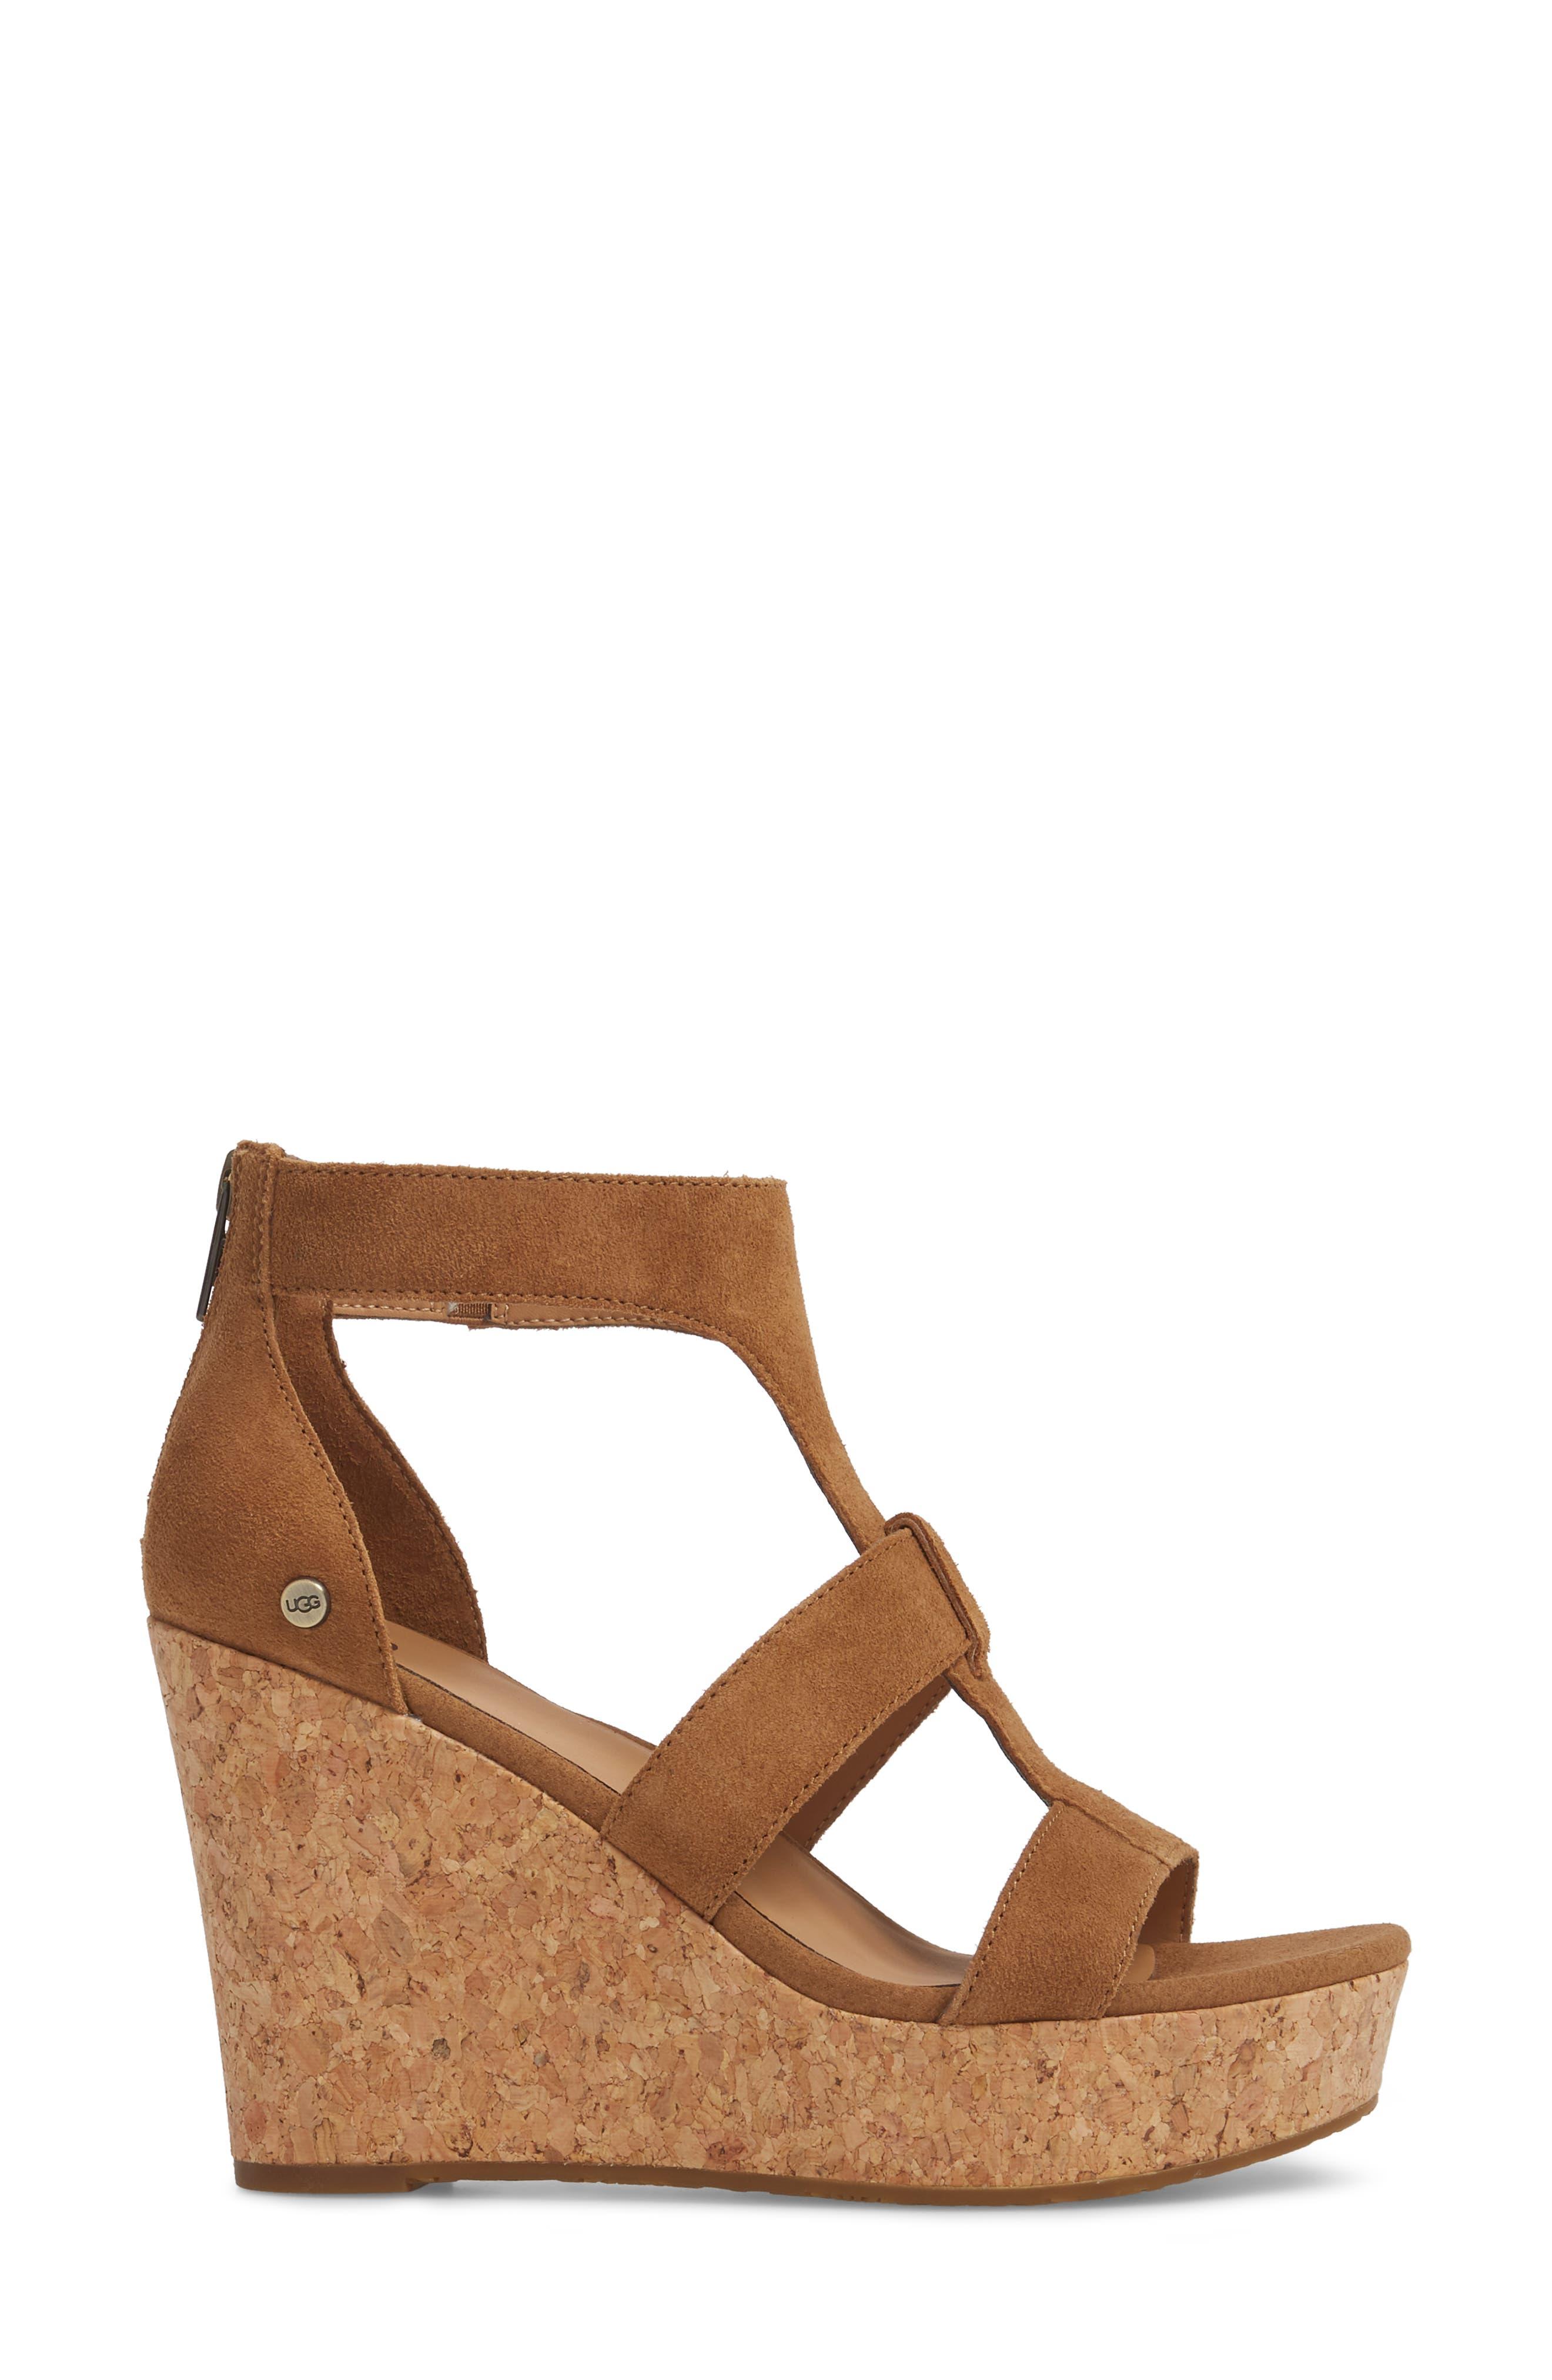 Whitney Platform Wedge Sandal,                             Alternate thumbnail 3, color,                             Chestnut